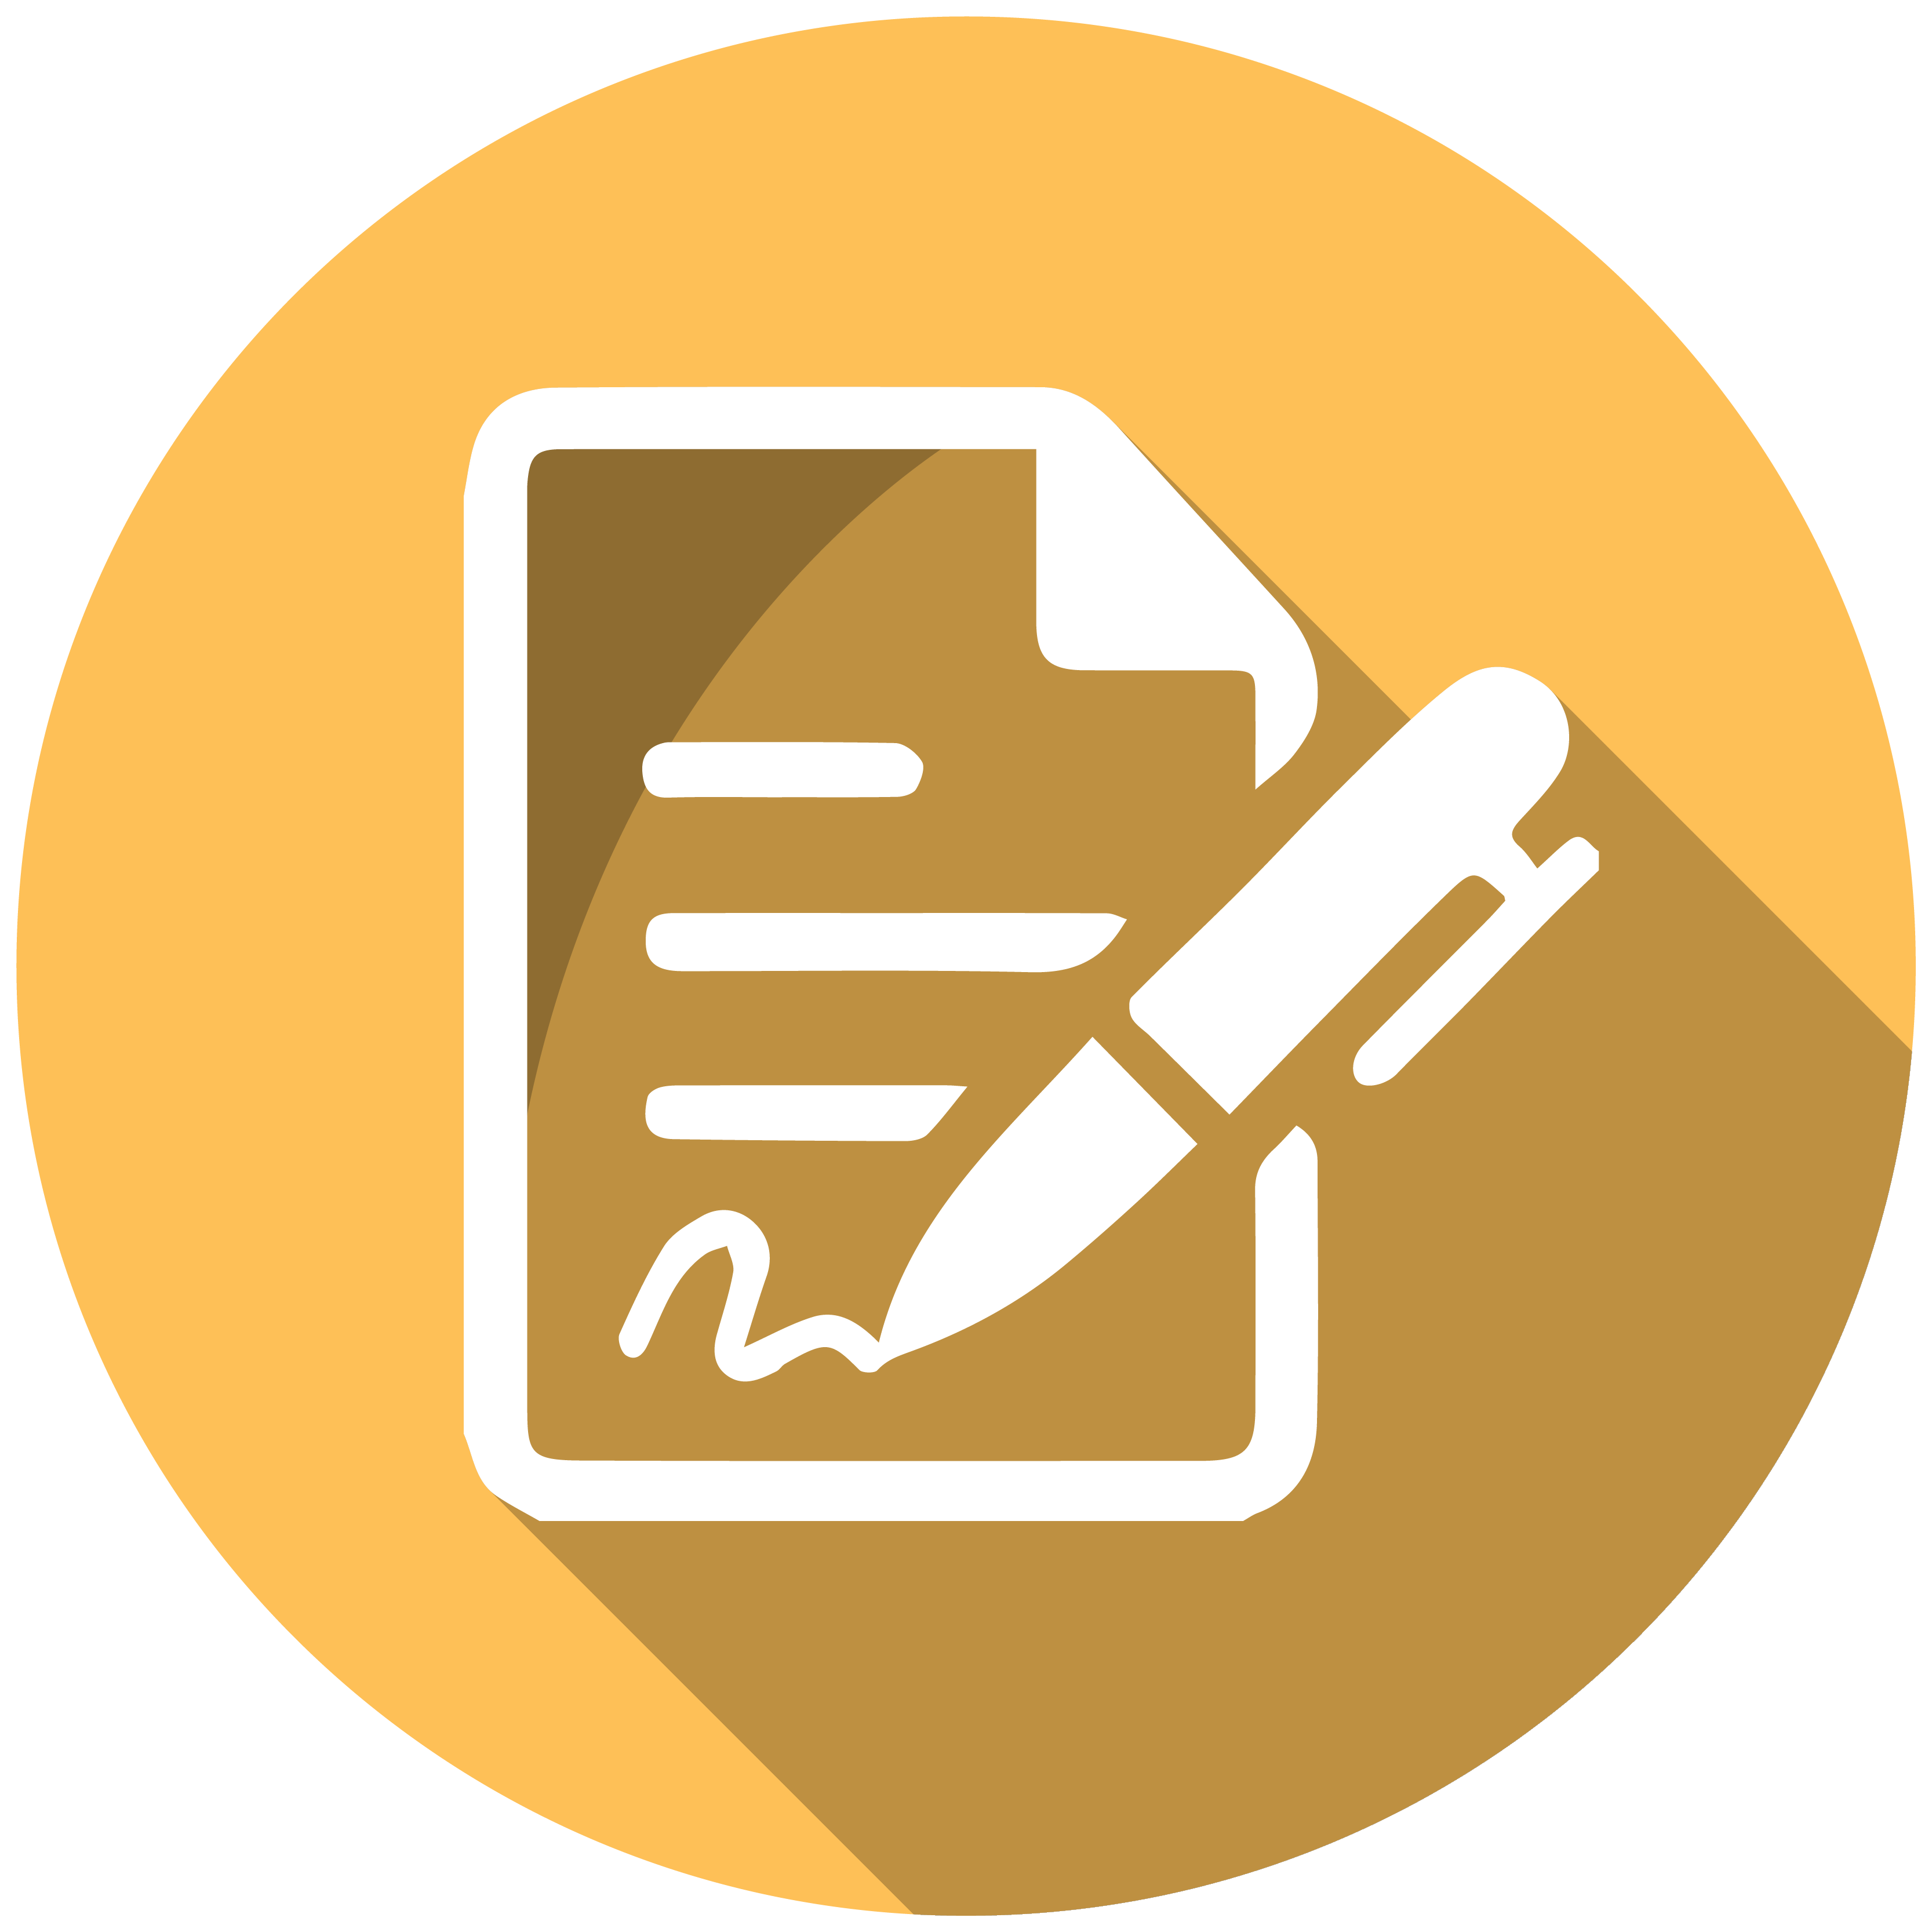 خرید فایل( دانلود کدهای برنامه نویسی پایان نامه ارشد تحلیل و بهینه سازی یک افزاره الکترونیک نوری فروسرخ مبتنی بر کریستال های مایع)